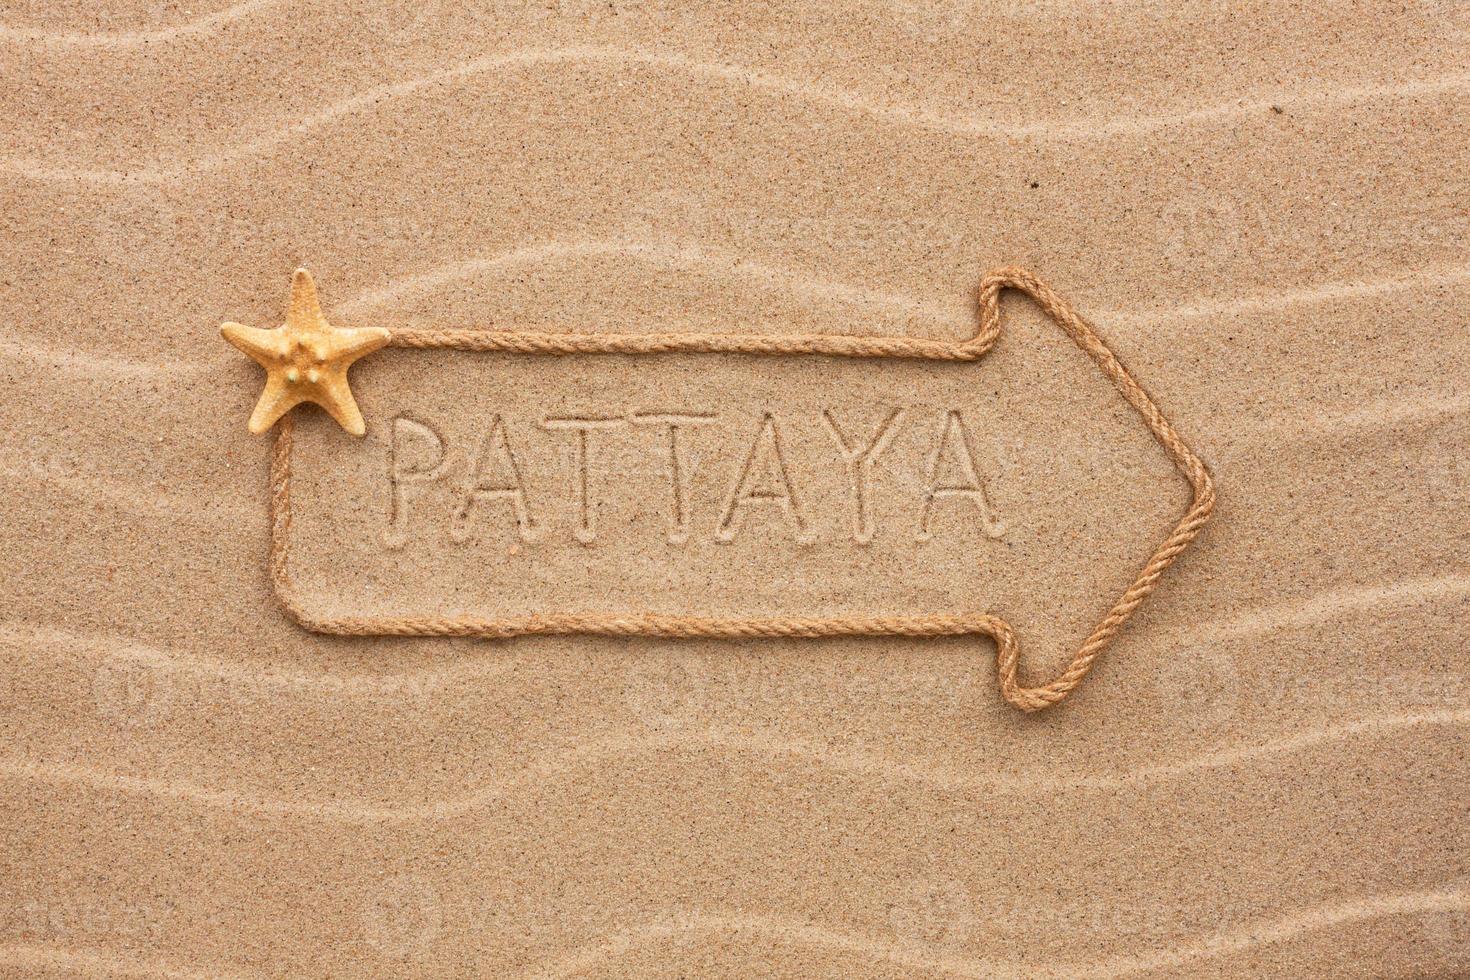 pijl gemaakt van touw met het woord pattaya foto